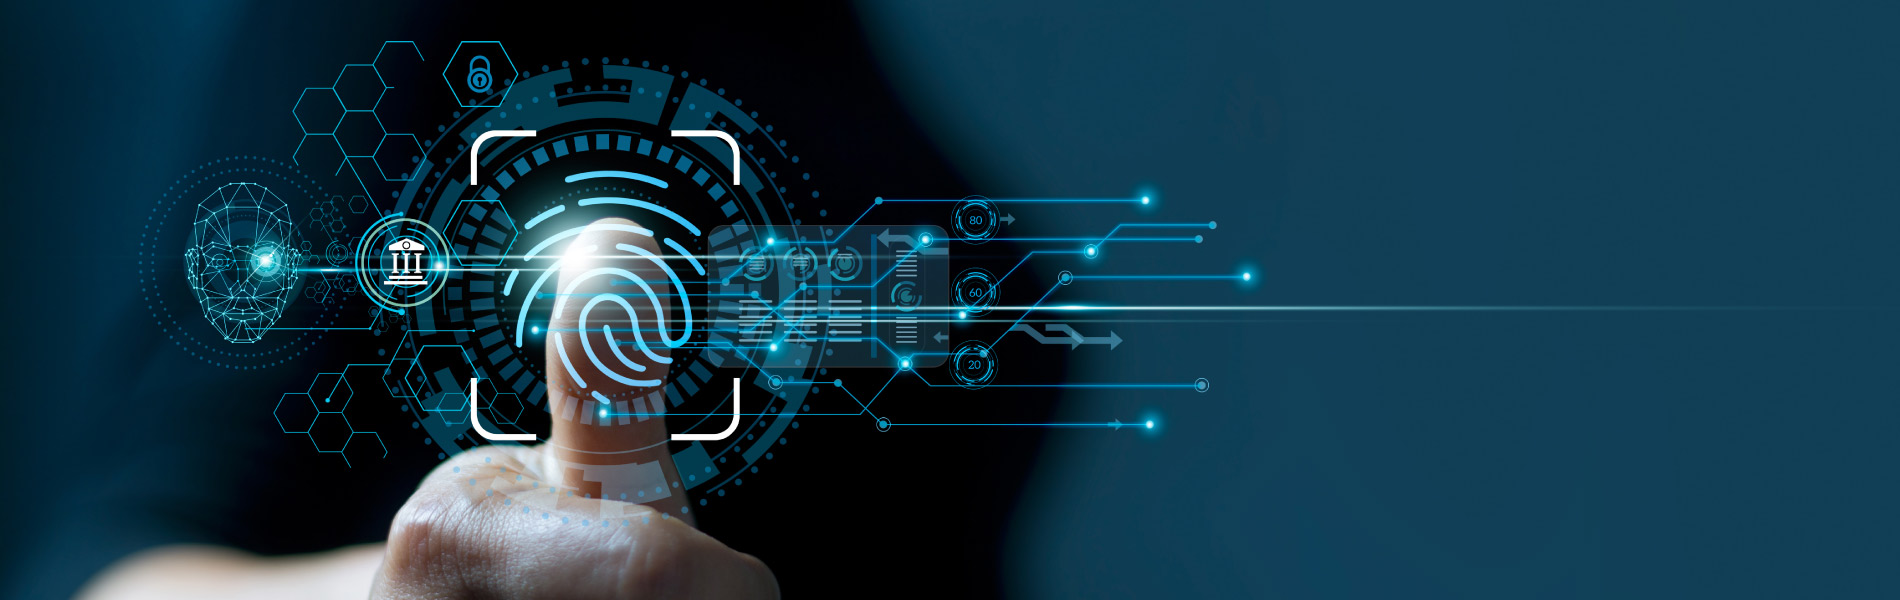 Les services accessibles par l'identité numérique